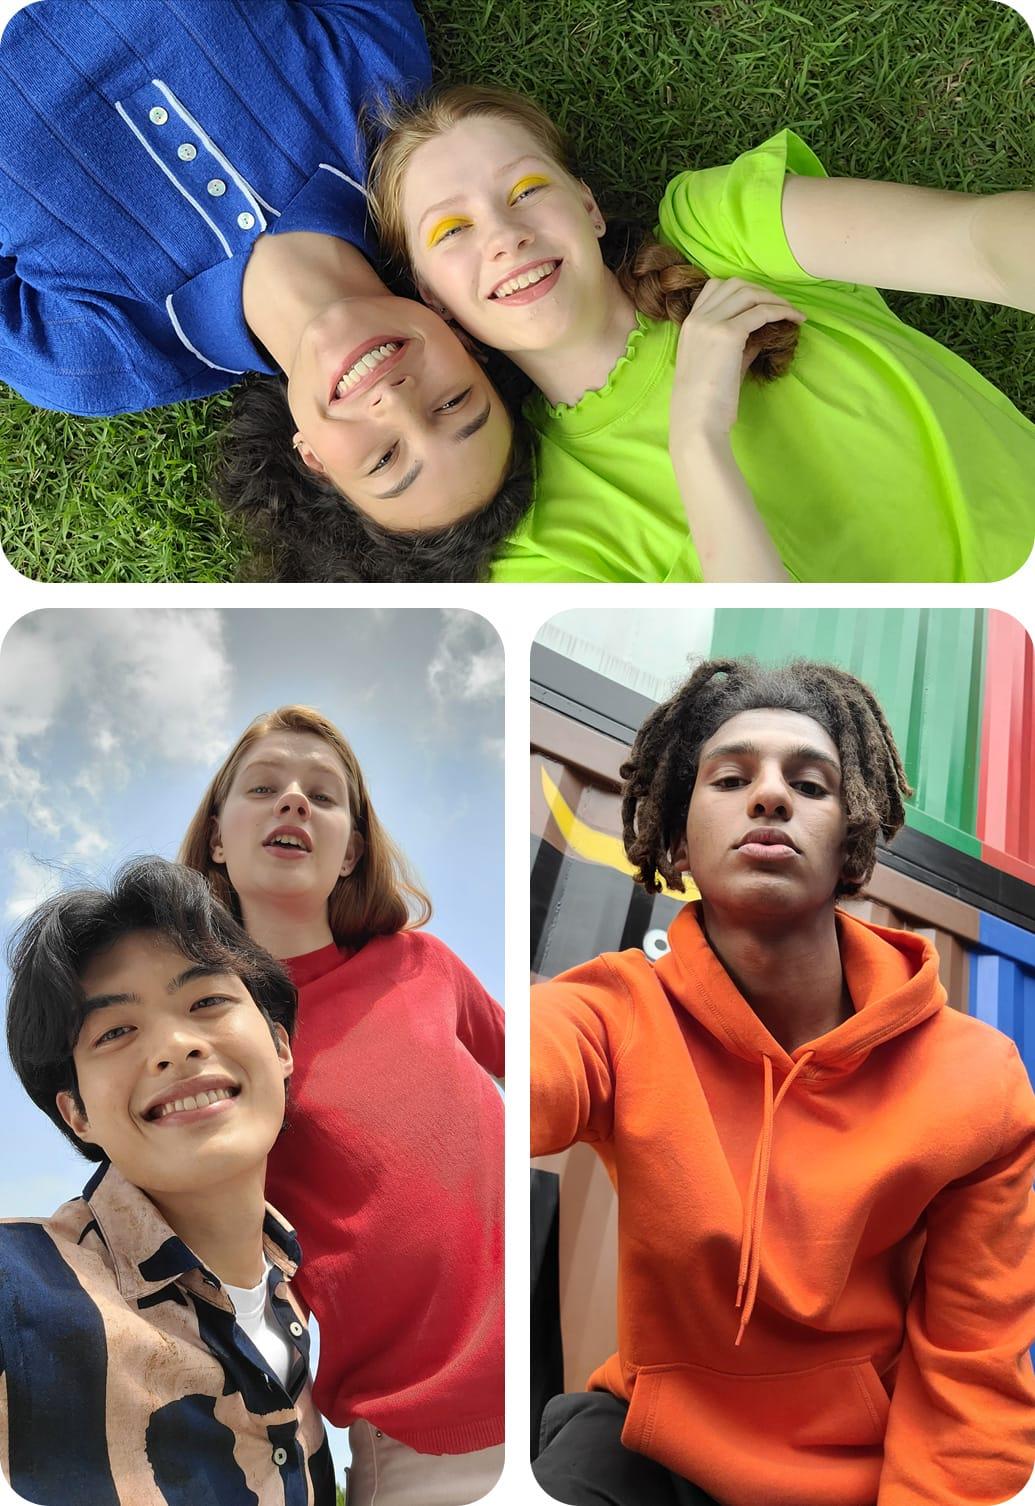 Trois types de selfies, pris avec l'appareil photo frontal 32 MP pour des prises de vue détaillées et de haute qualité. Deux femmes sont allongées dans un champ, leurs tetes se touchant. Un selfie en contre-plongée d'une femme. Un selfie en contre-plongée d'un homme et d'une femme regardant le téléphone.